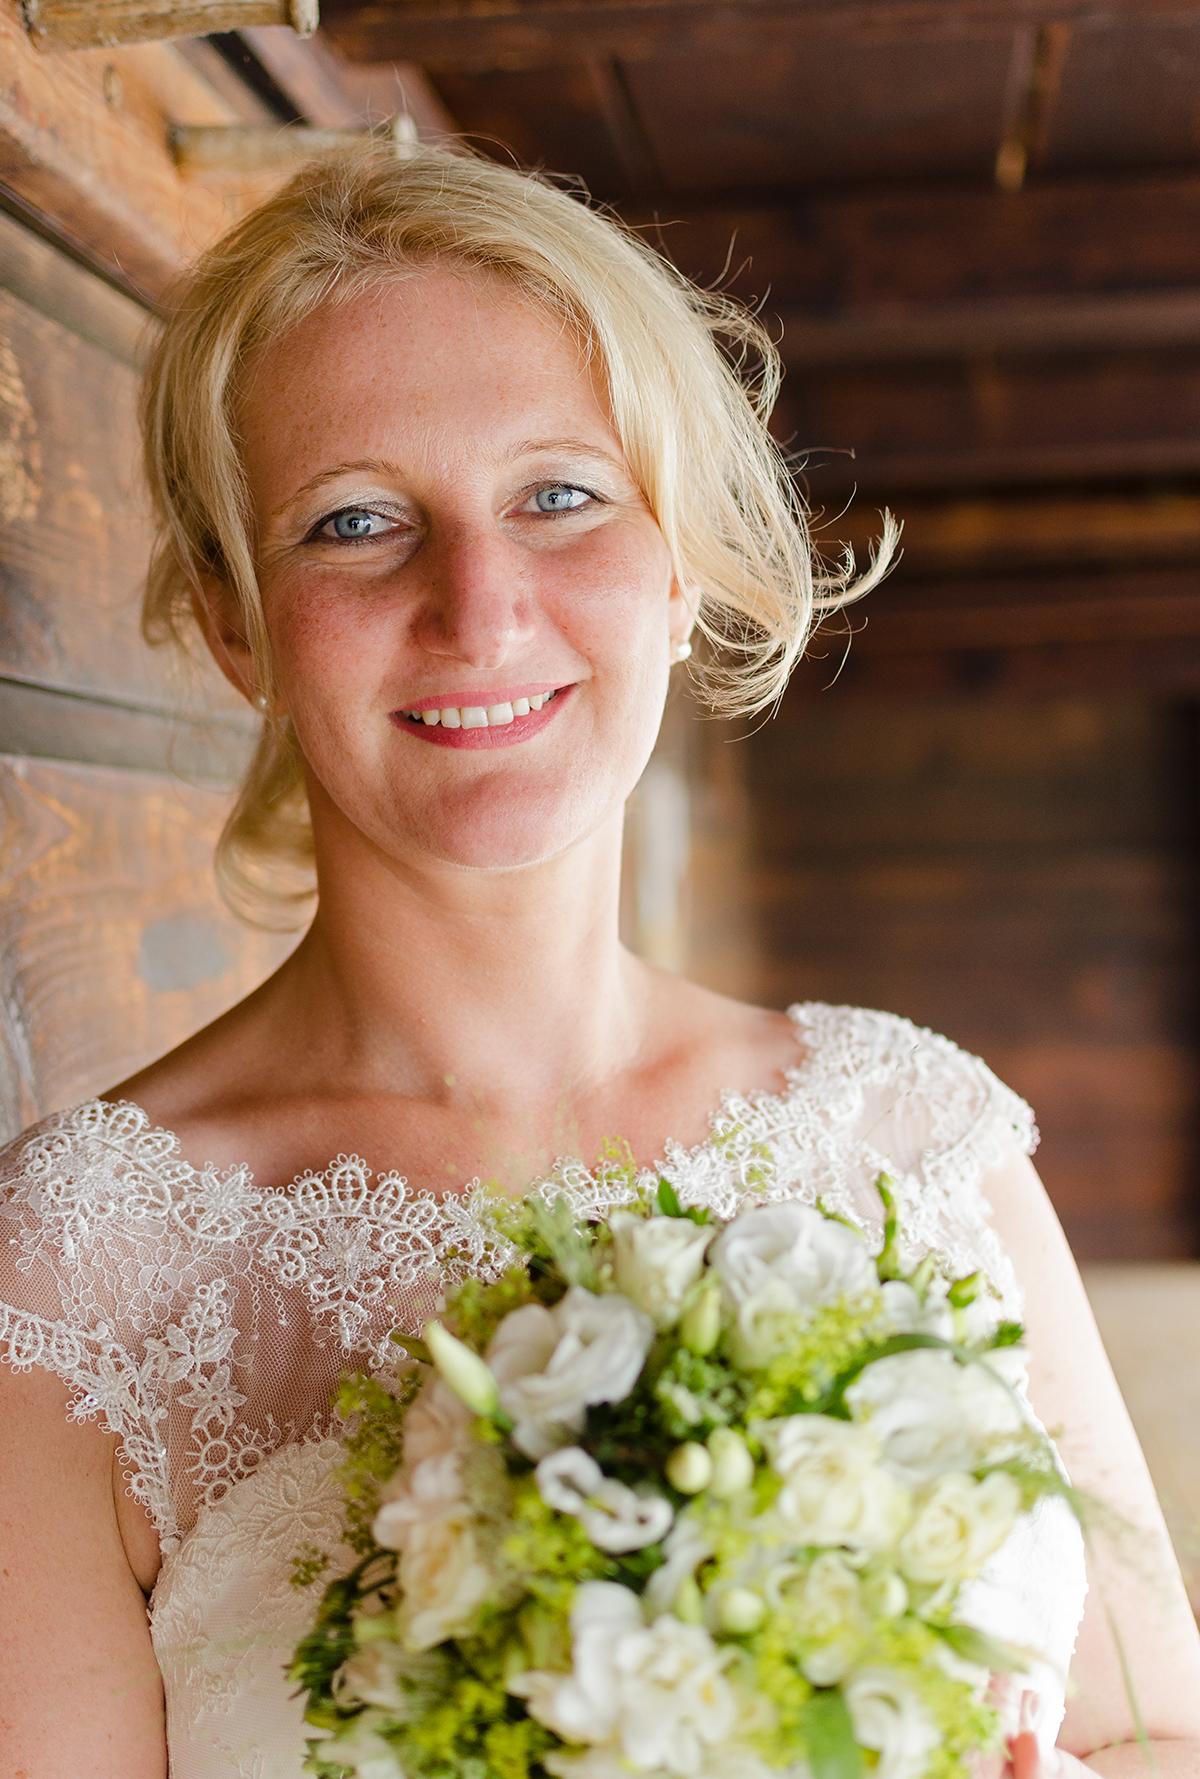 Christine&Gerhard_Hochzeit_Portrait_145_StephanSchreinerPhotography Kopie